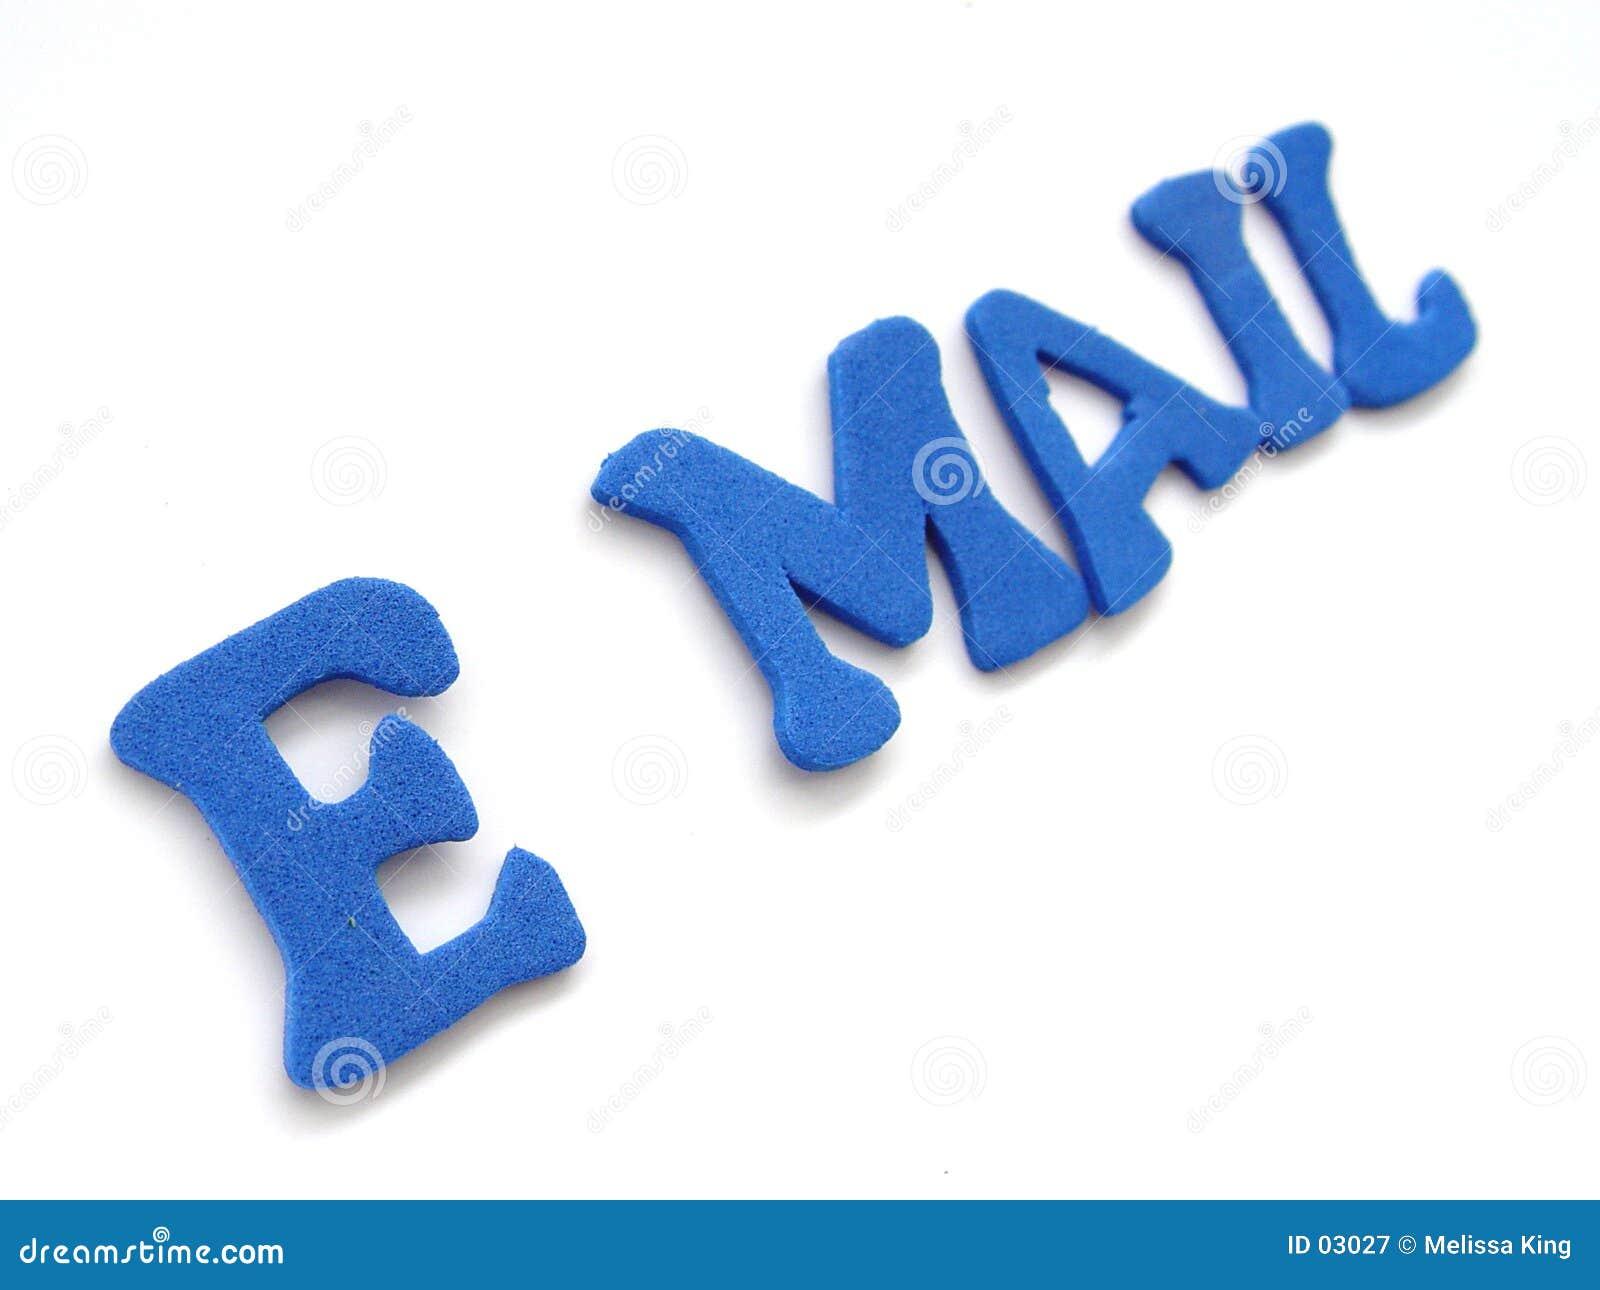 επιστολές ηλεκτρονικού ταχυδρομείου